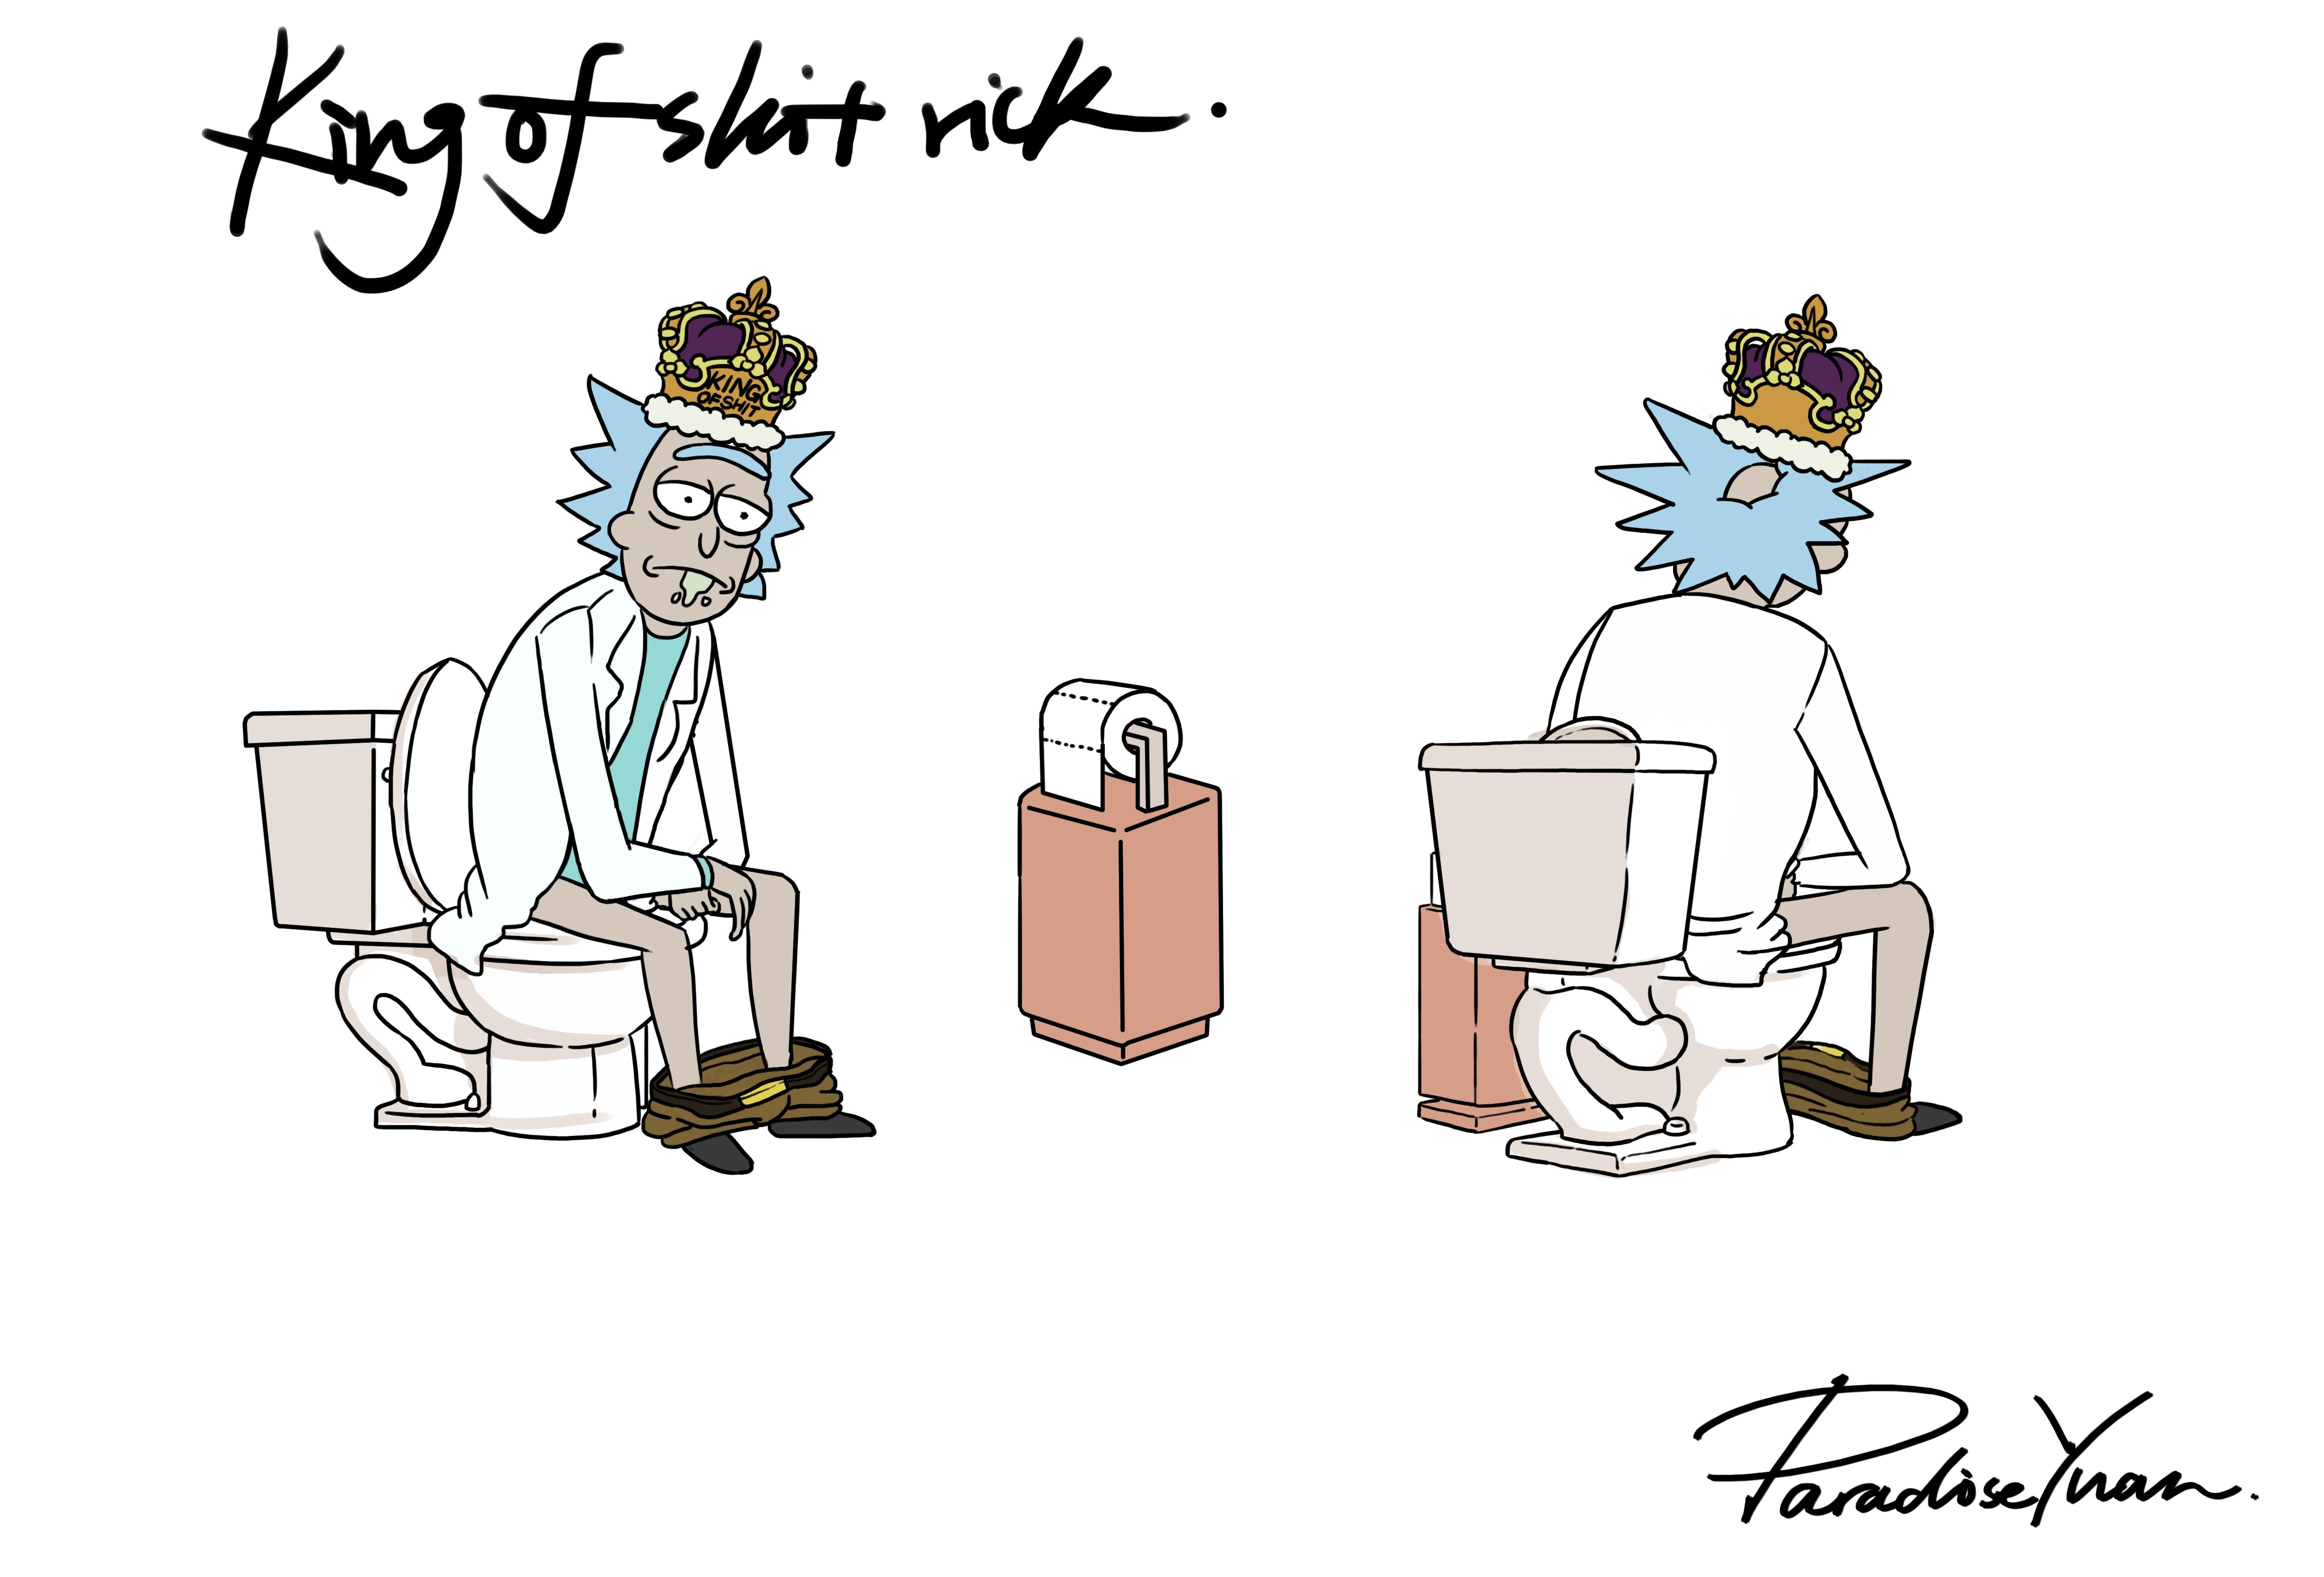 KING OF SHIT RICK.jpg